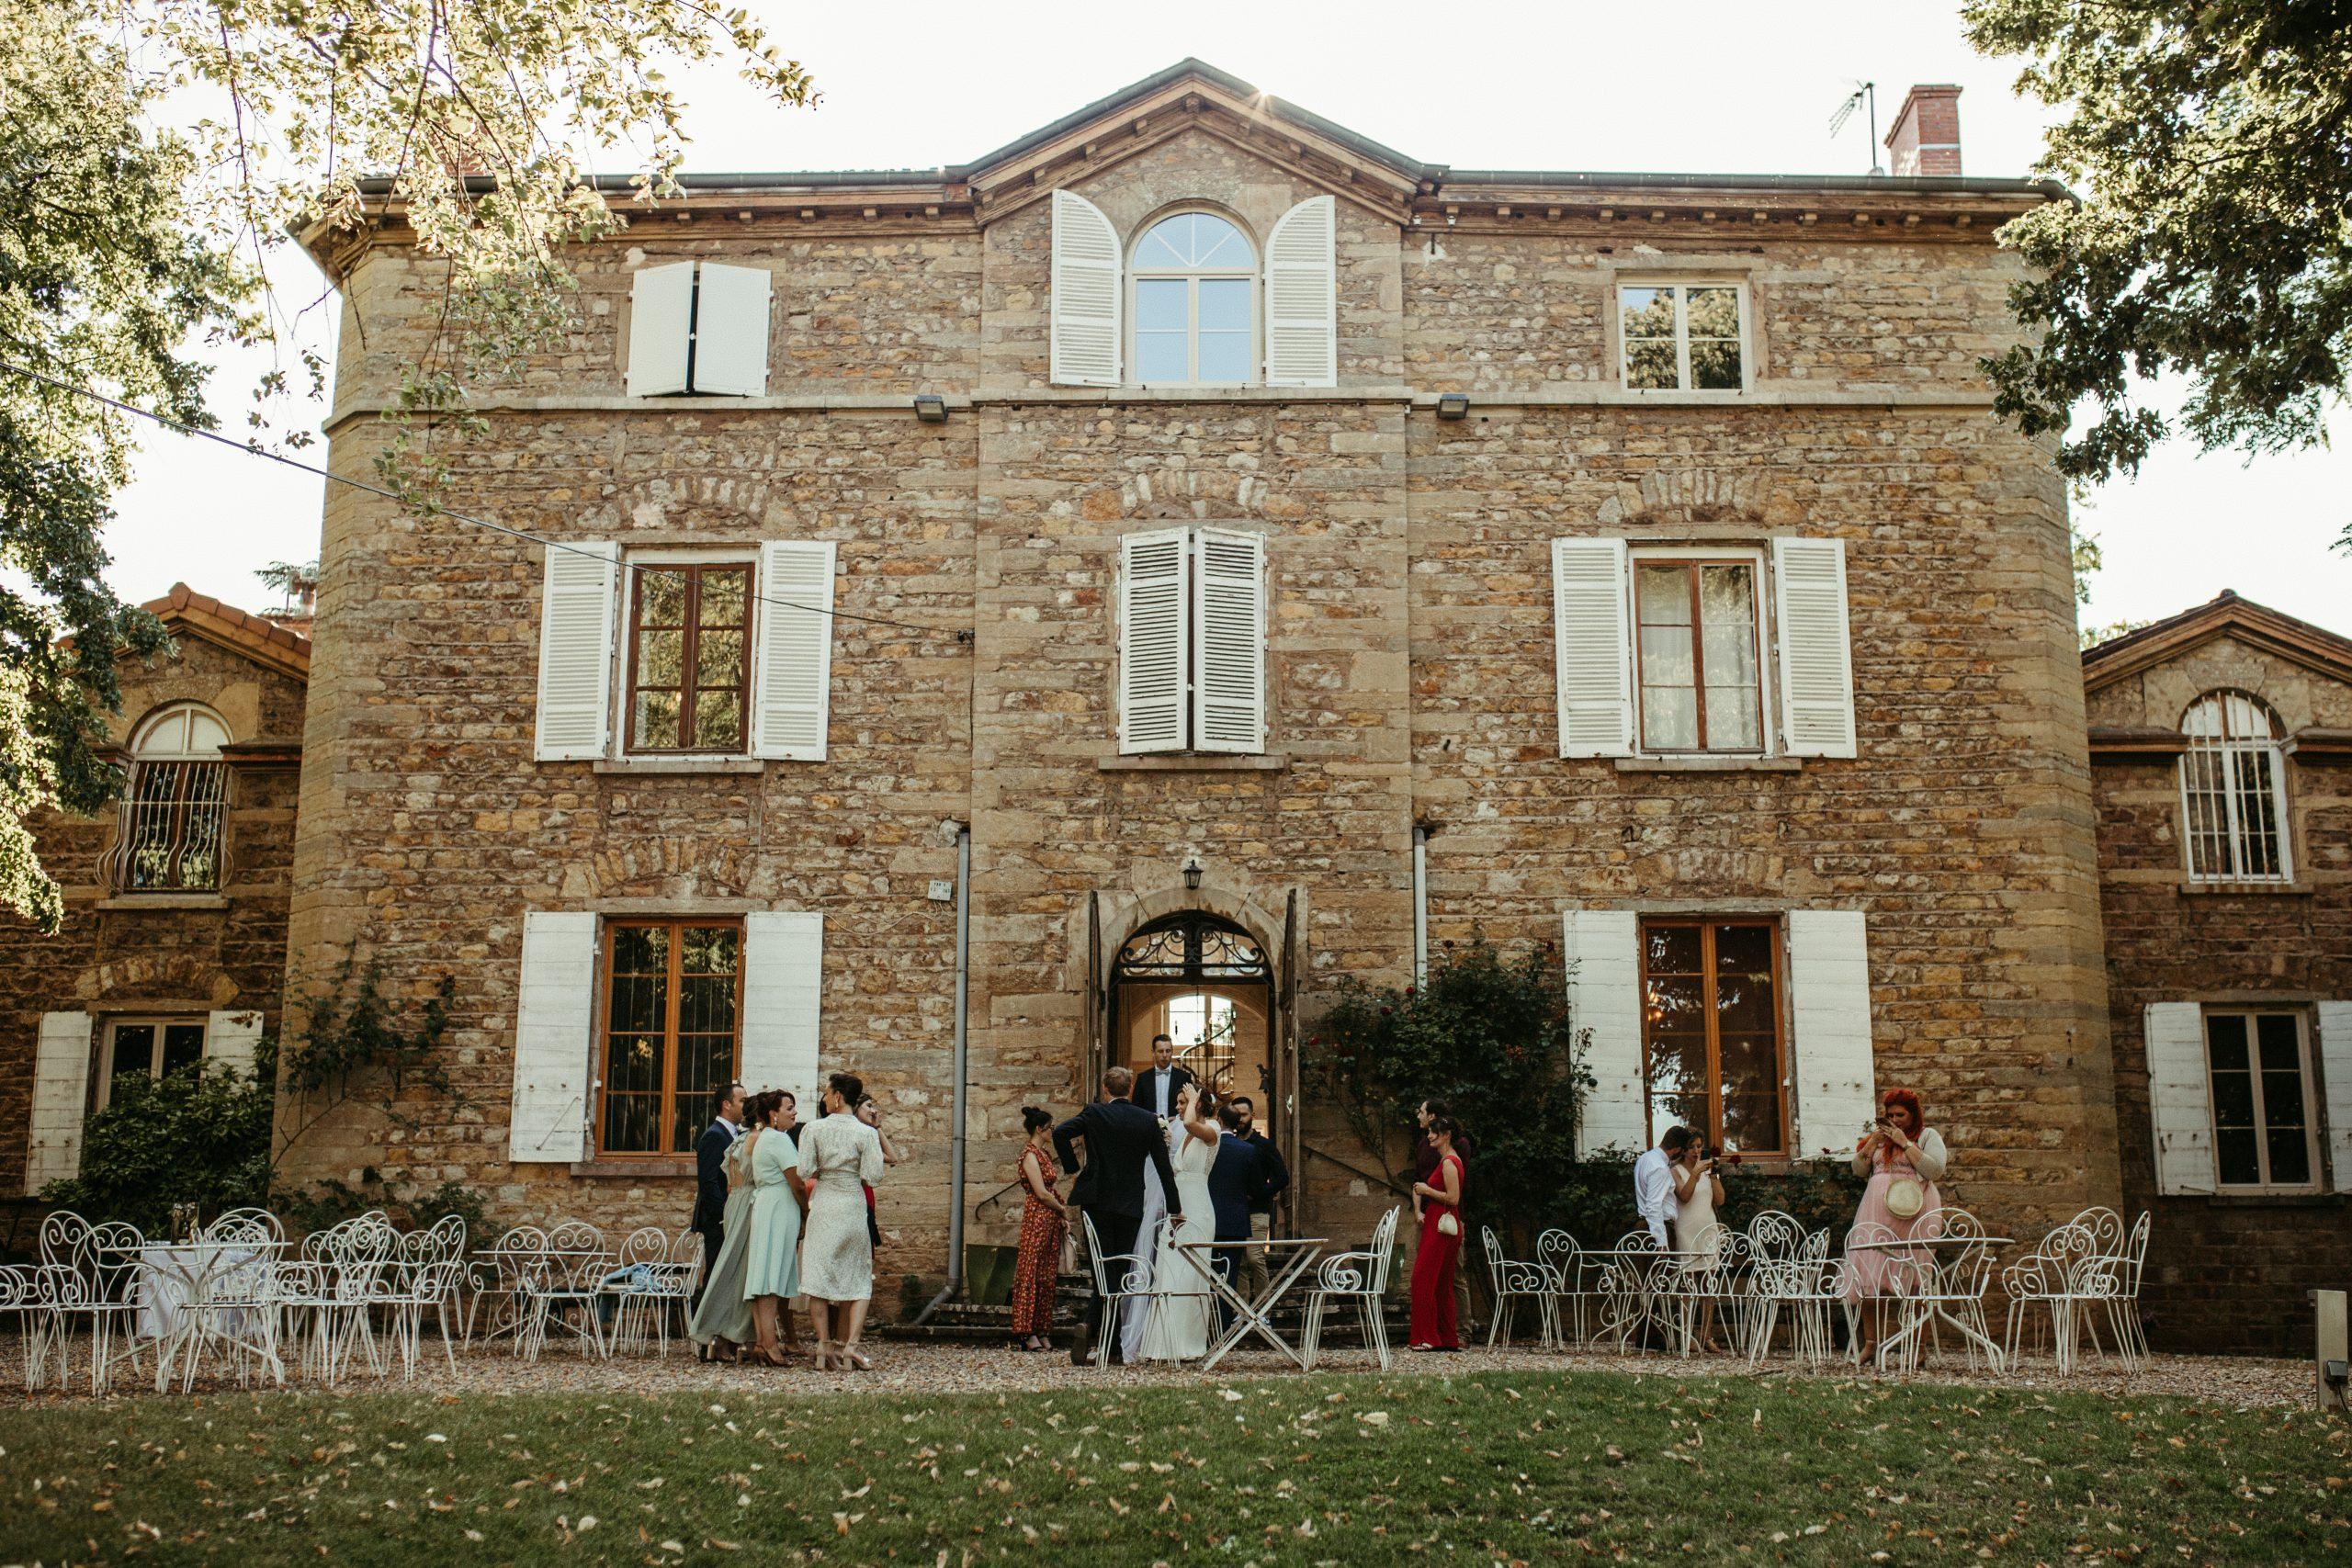 UTOPICLOVERS20200718 – MARIAGE Segolene Thomas 11375 1 scaled - Un mariage simple et joyeux au Manoir Tourieux dans le beaujolais.